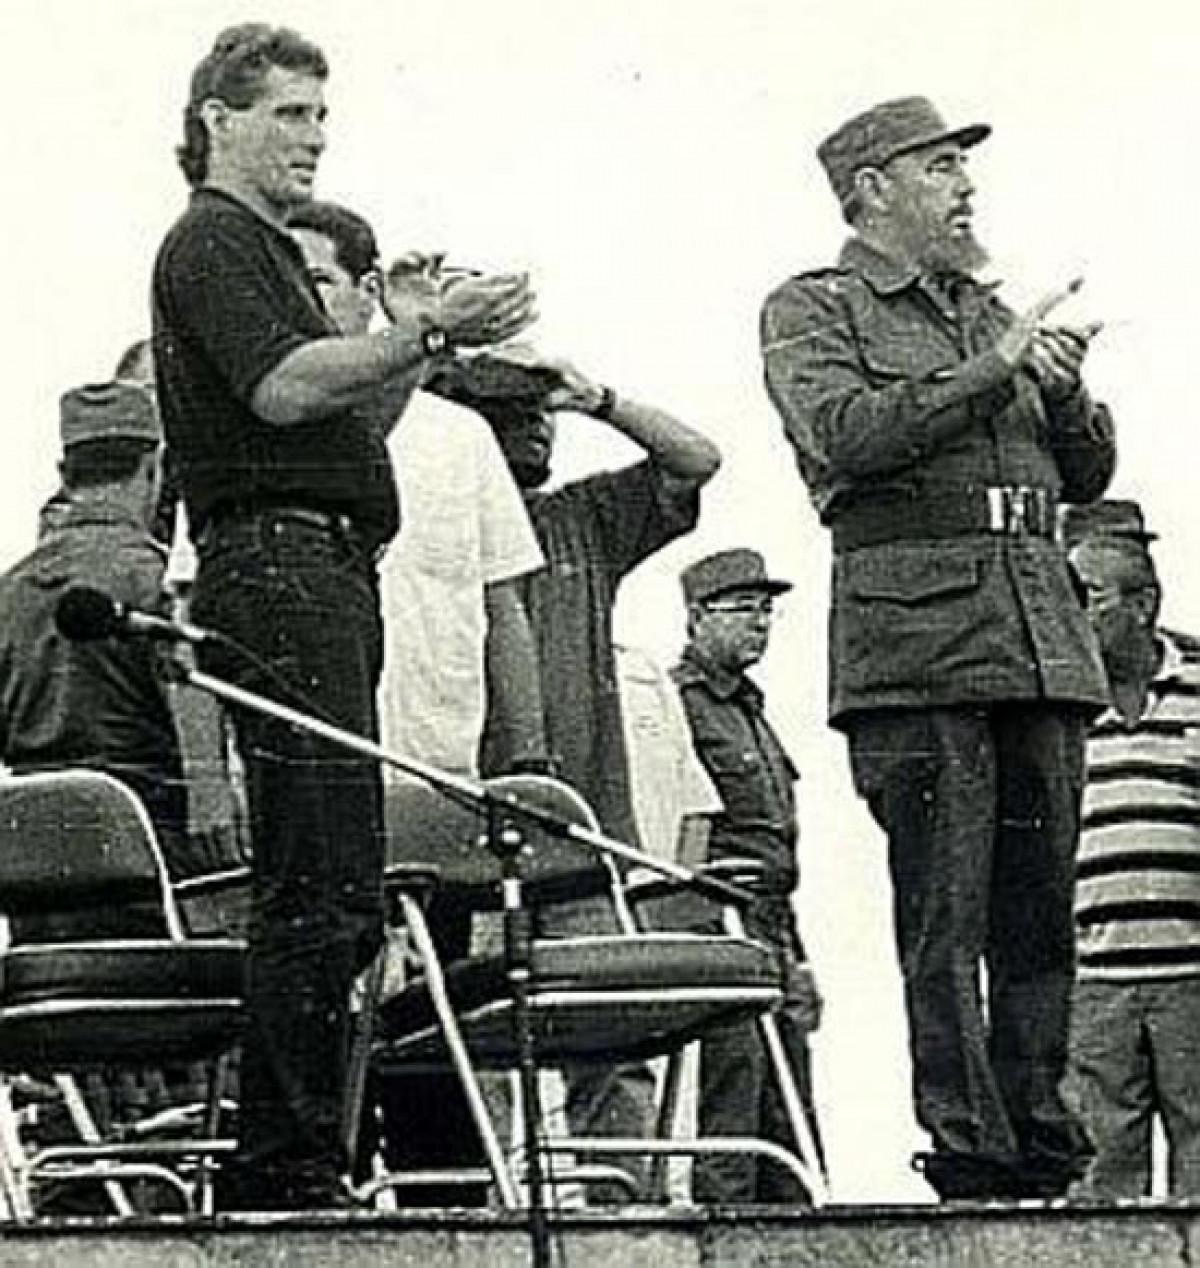 Fidel Castro y Miguel Díaz-Canel, primer secretario del Partido en Villa Clara, en la Plaza de la Revolución Ernesto Guevara, el 30 de septiembre de 1996. Foto: Vanguardia.